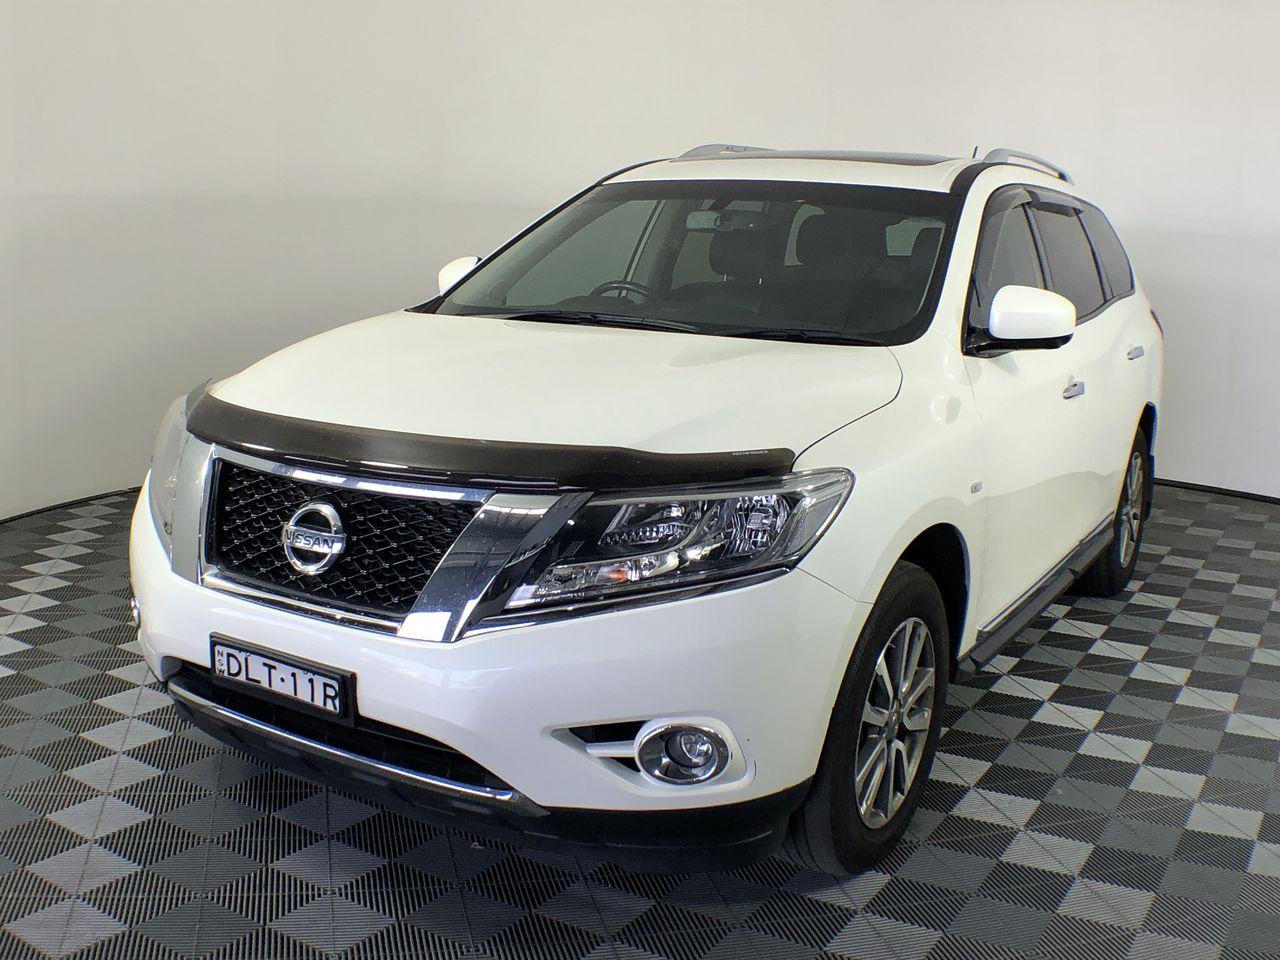 2016 Nissan Pathfinder ST-L (4x4) R52 CVT 7 Seats Wagon